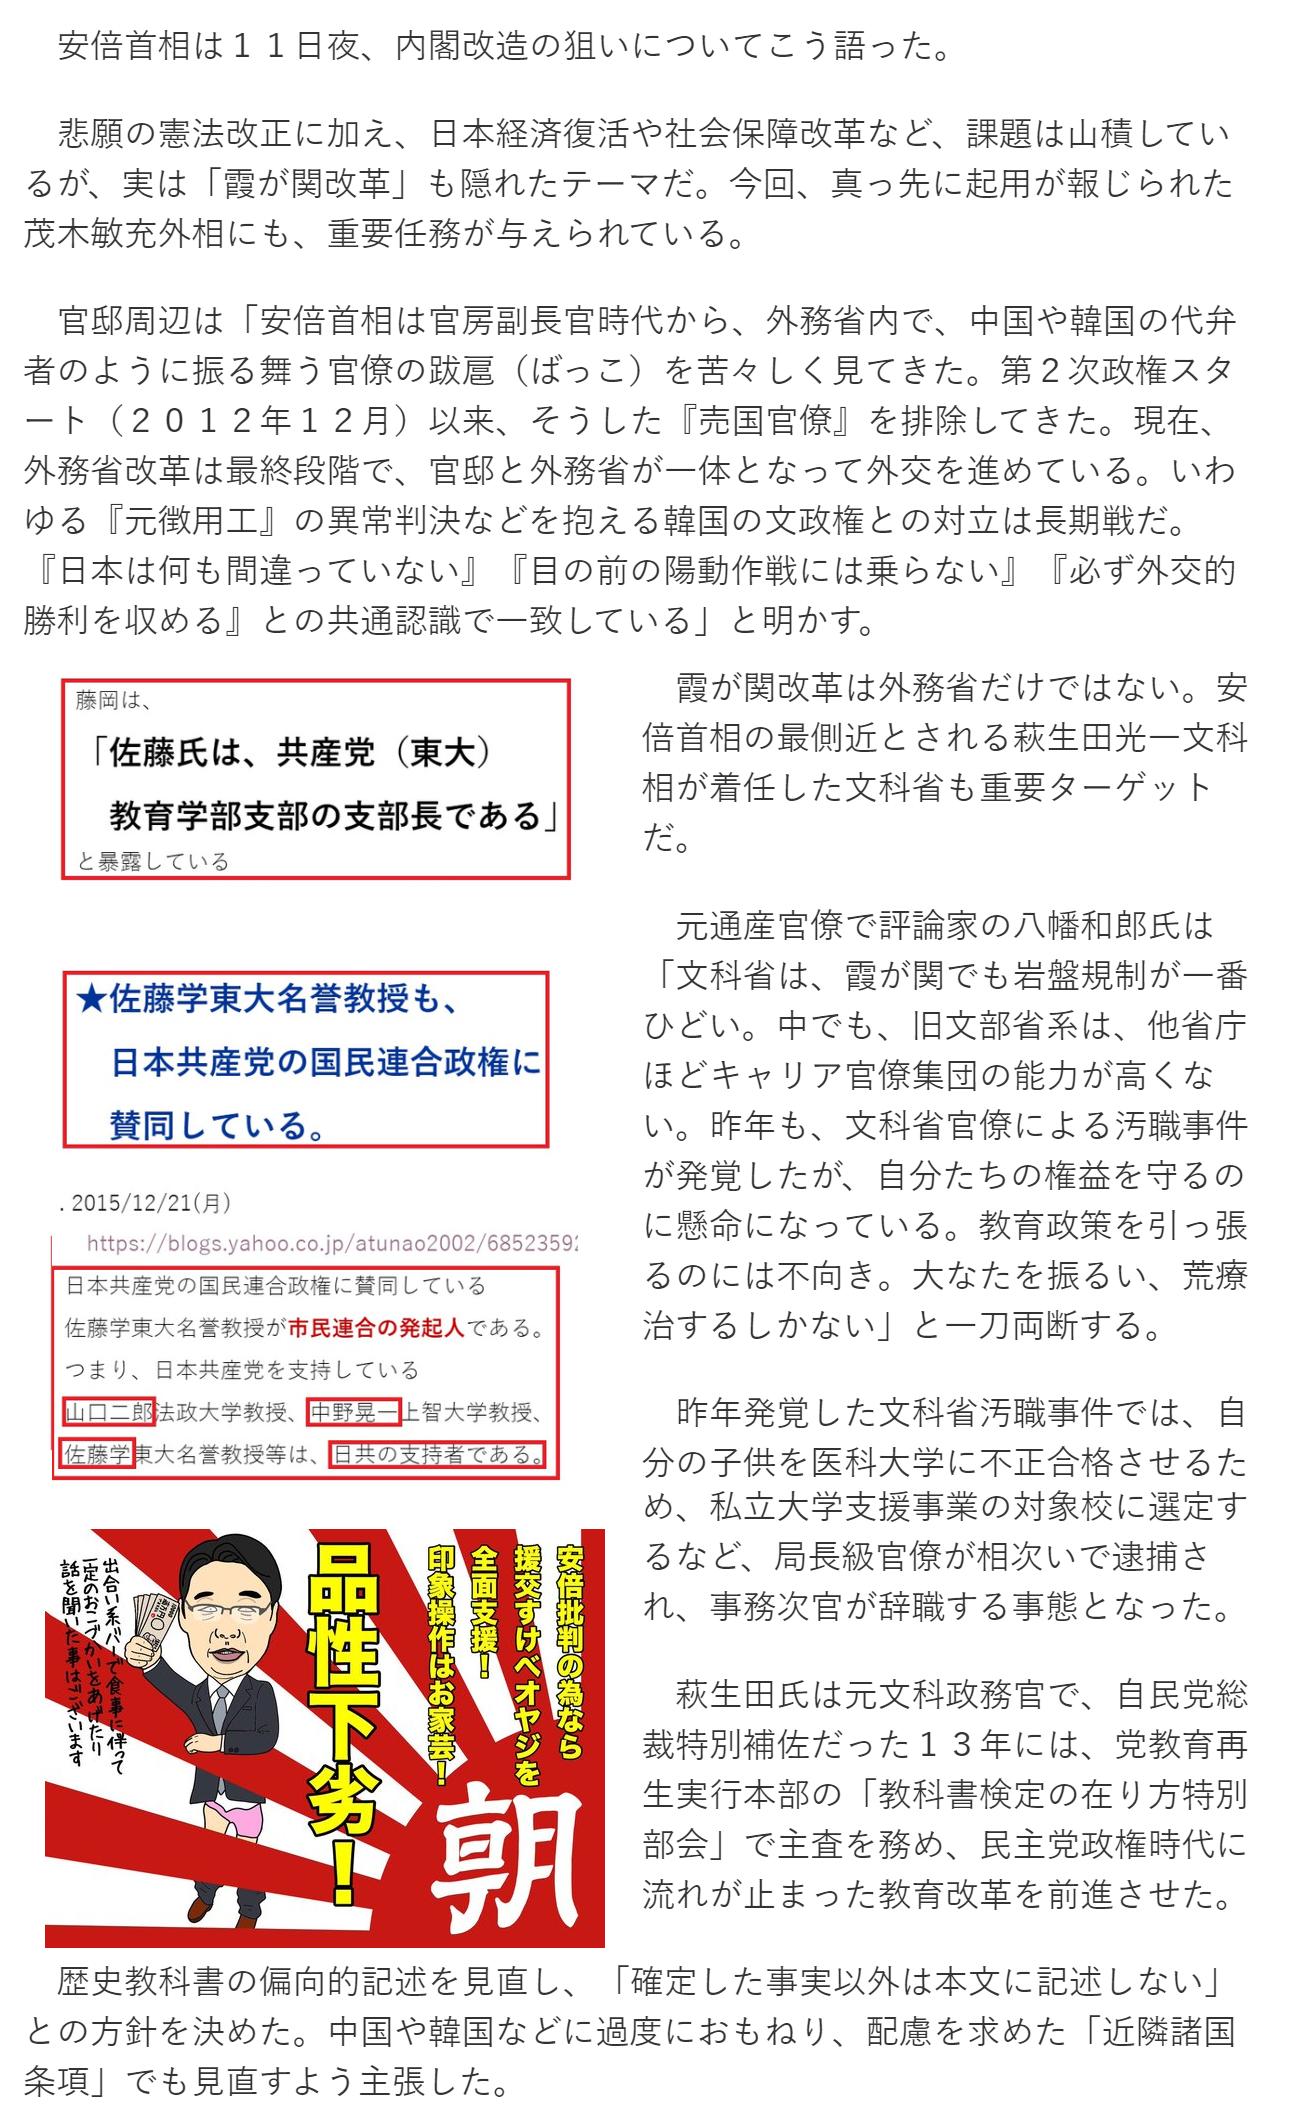 安倍総理、シナ朝鮮の代弁者・売国完了一掃へ布石2